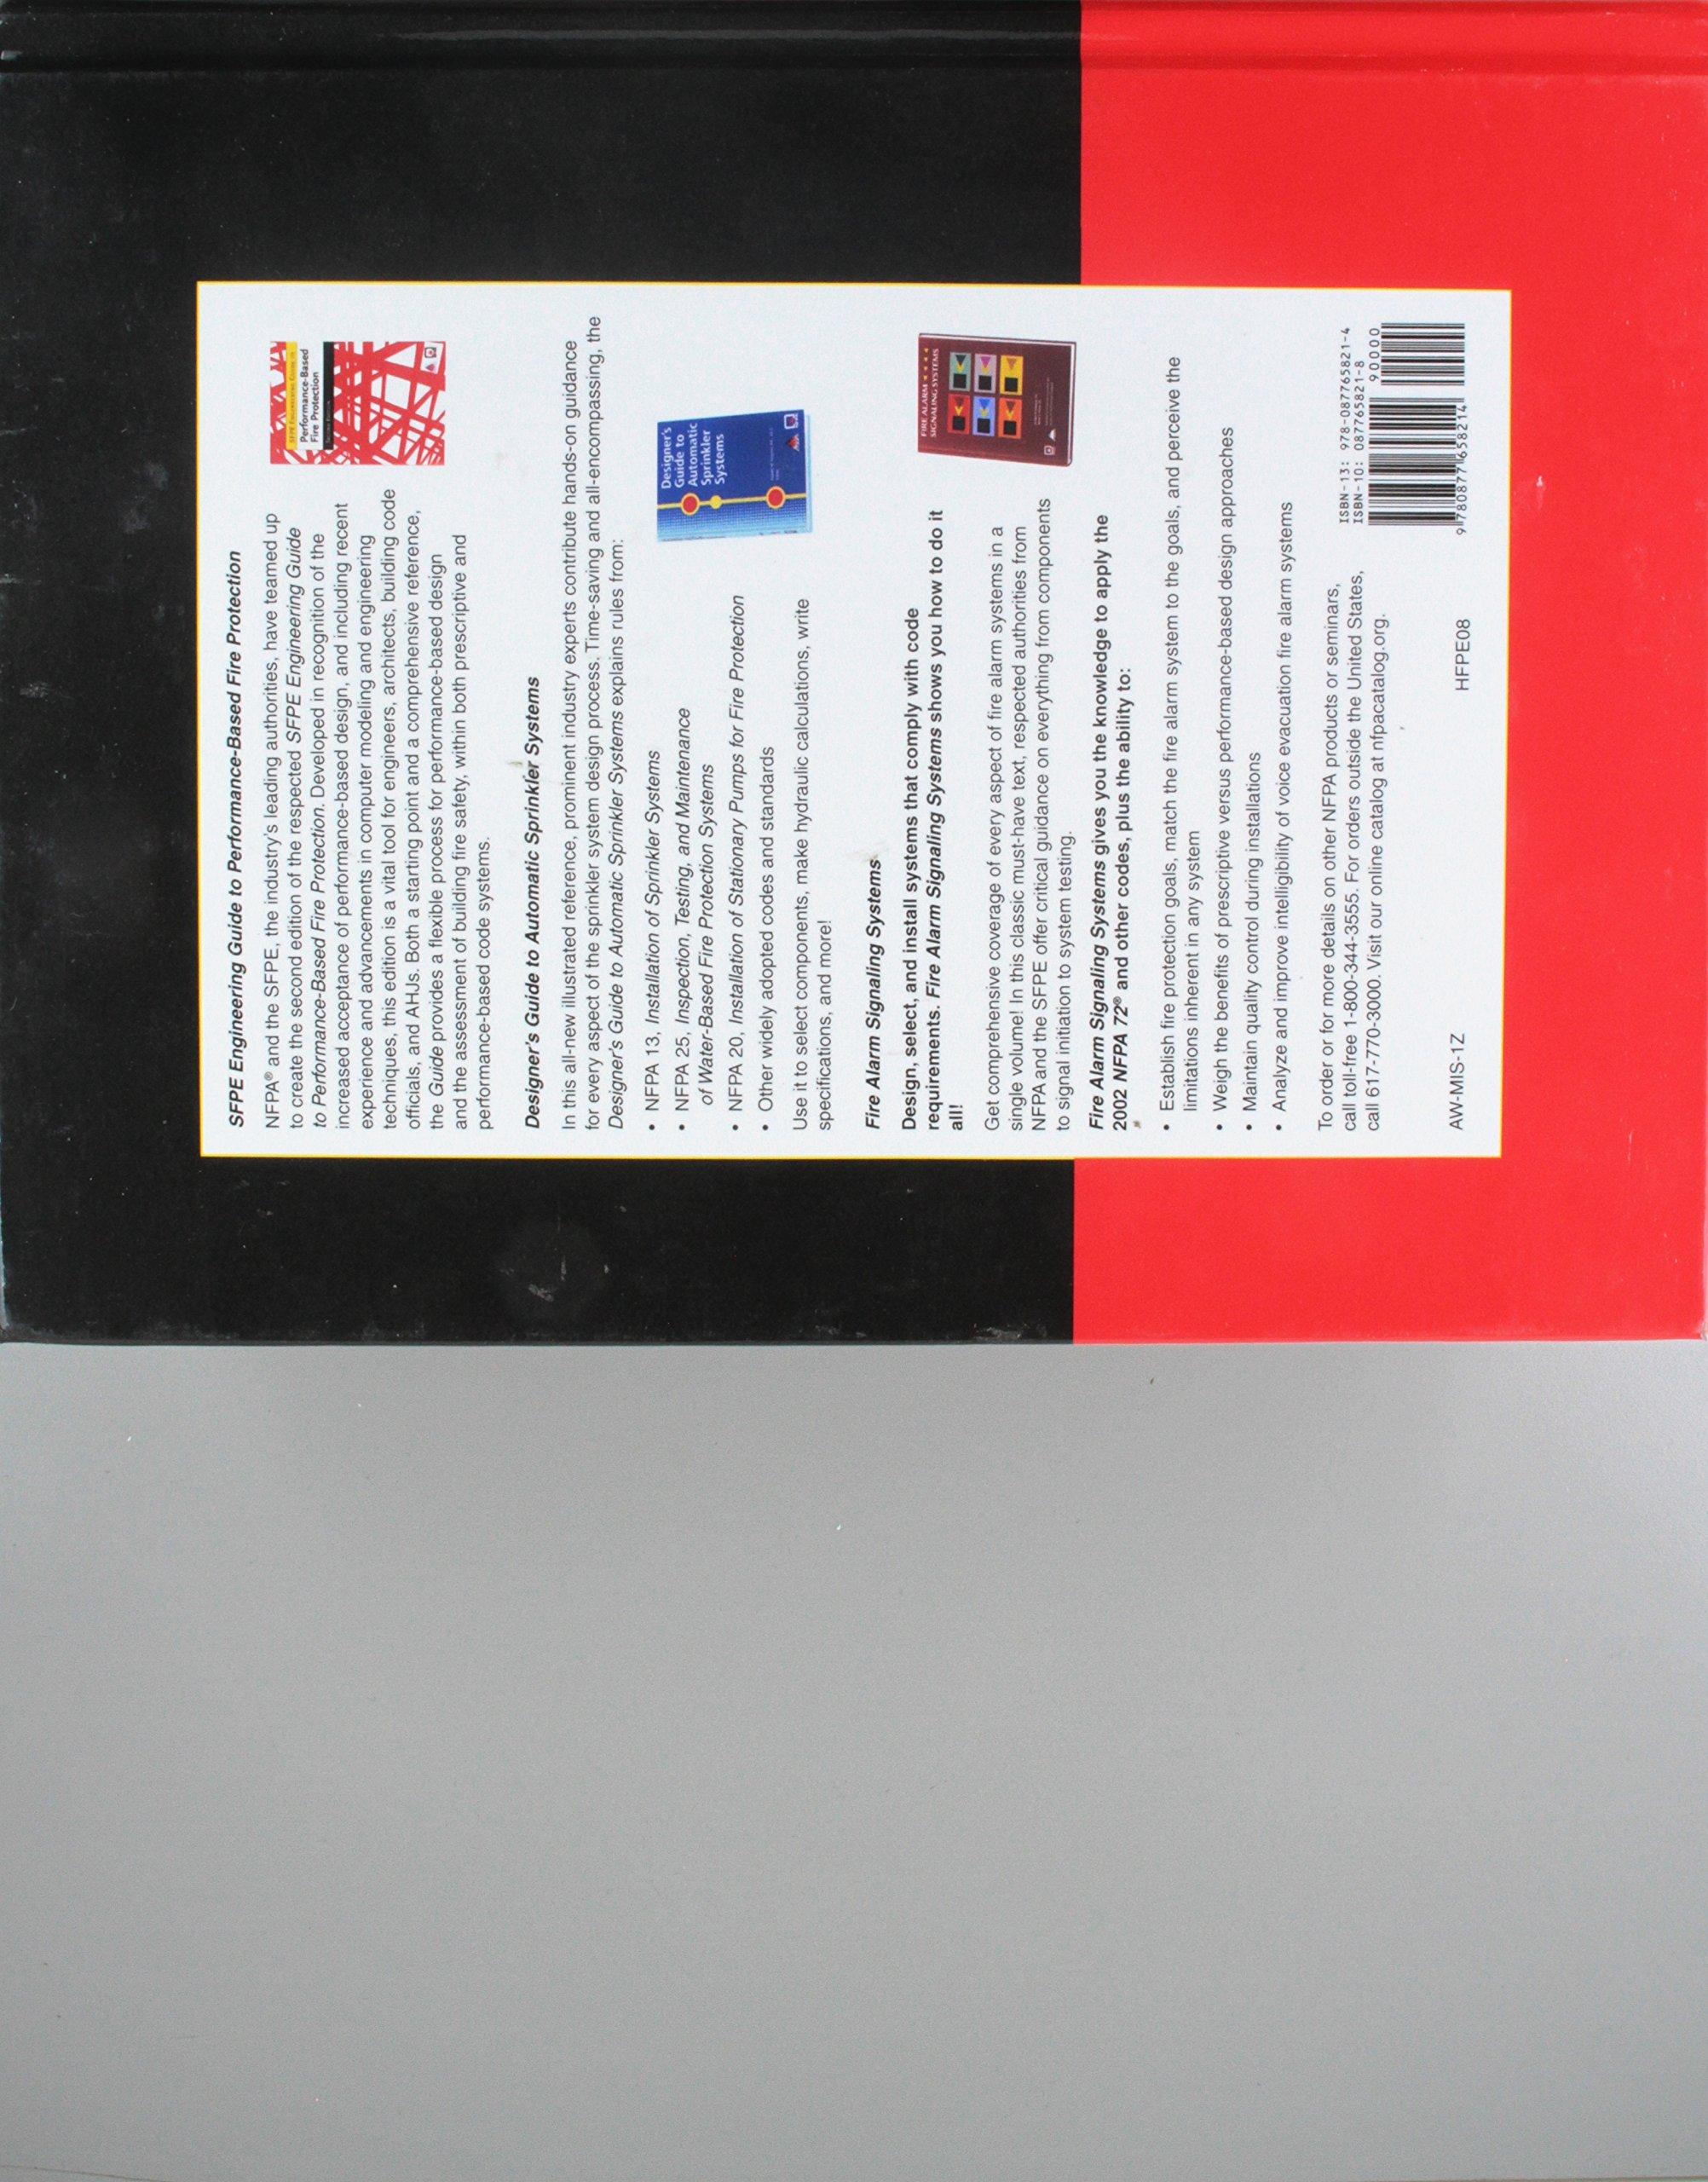 Sfpe Handbook of Fire Protection Engineering: Amazon co uk